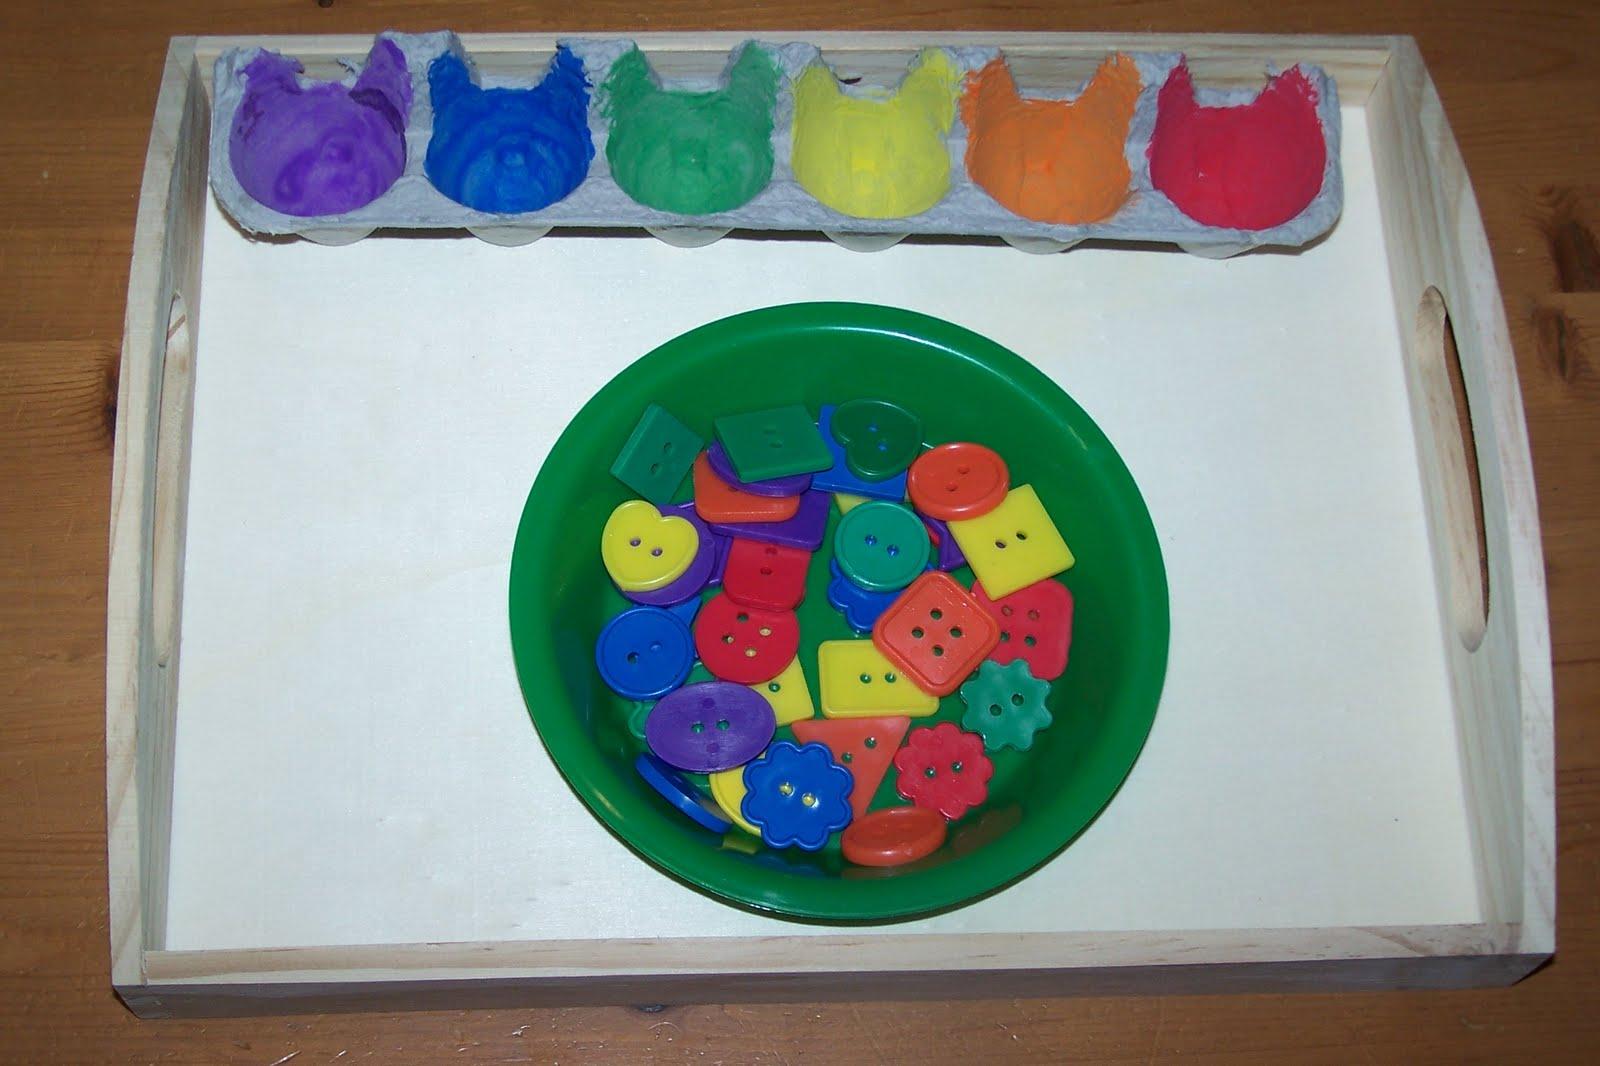 Lógica en infantil: clasificar por colores - Aprendiendo Matemáticas